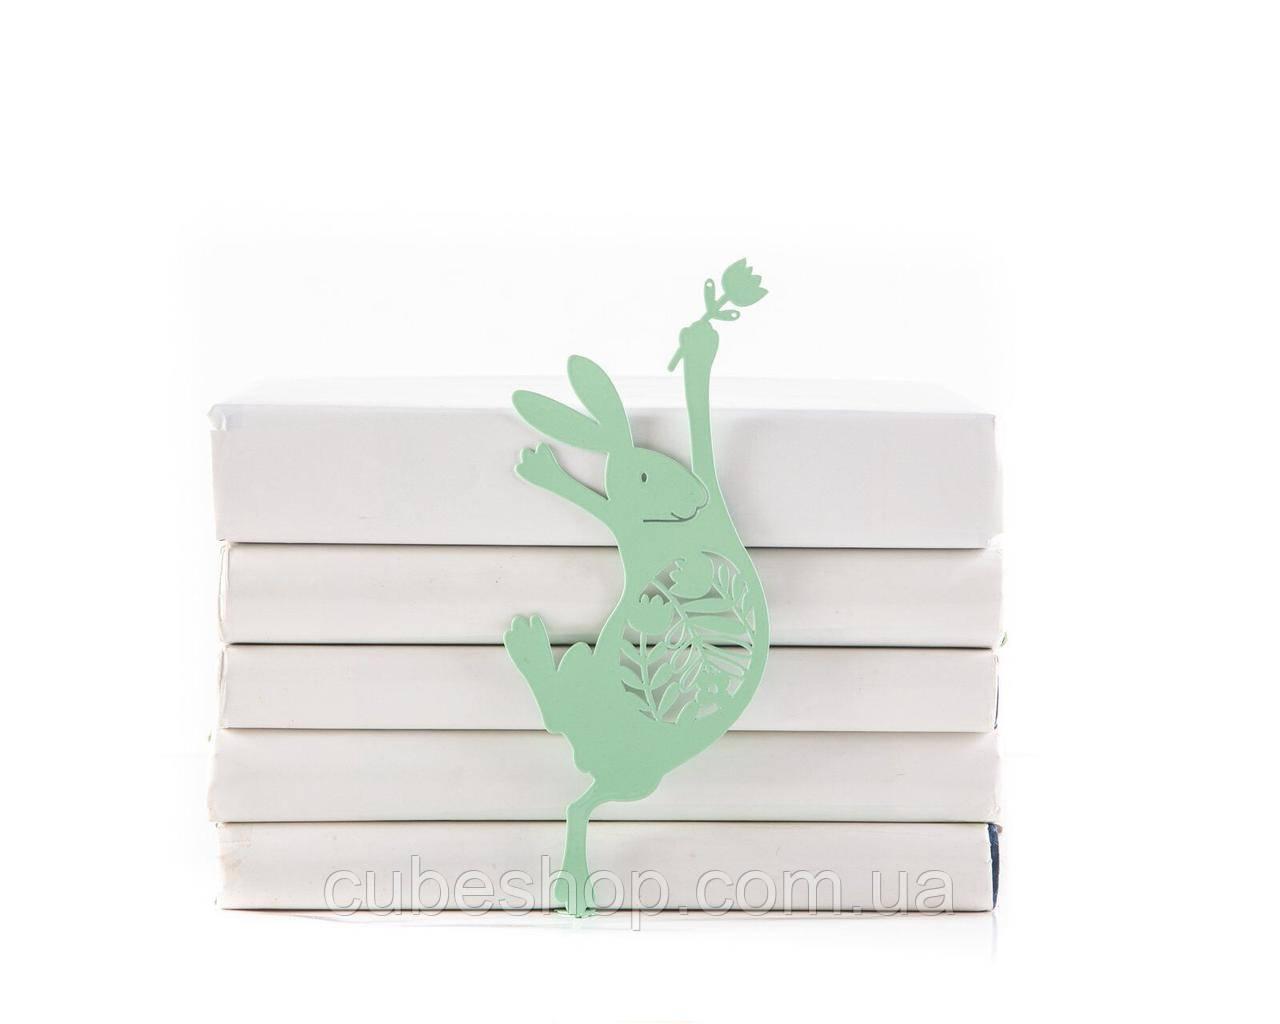 Закладка для книг Танцующий пасхальный заяц (мятный цвет)